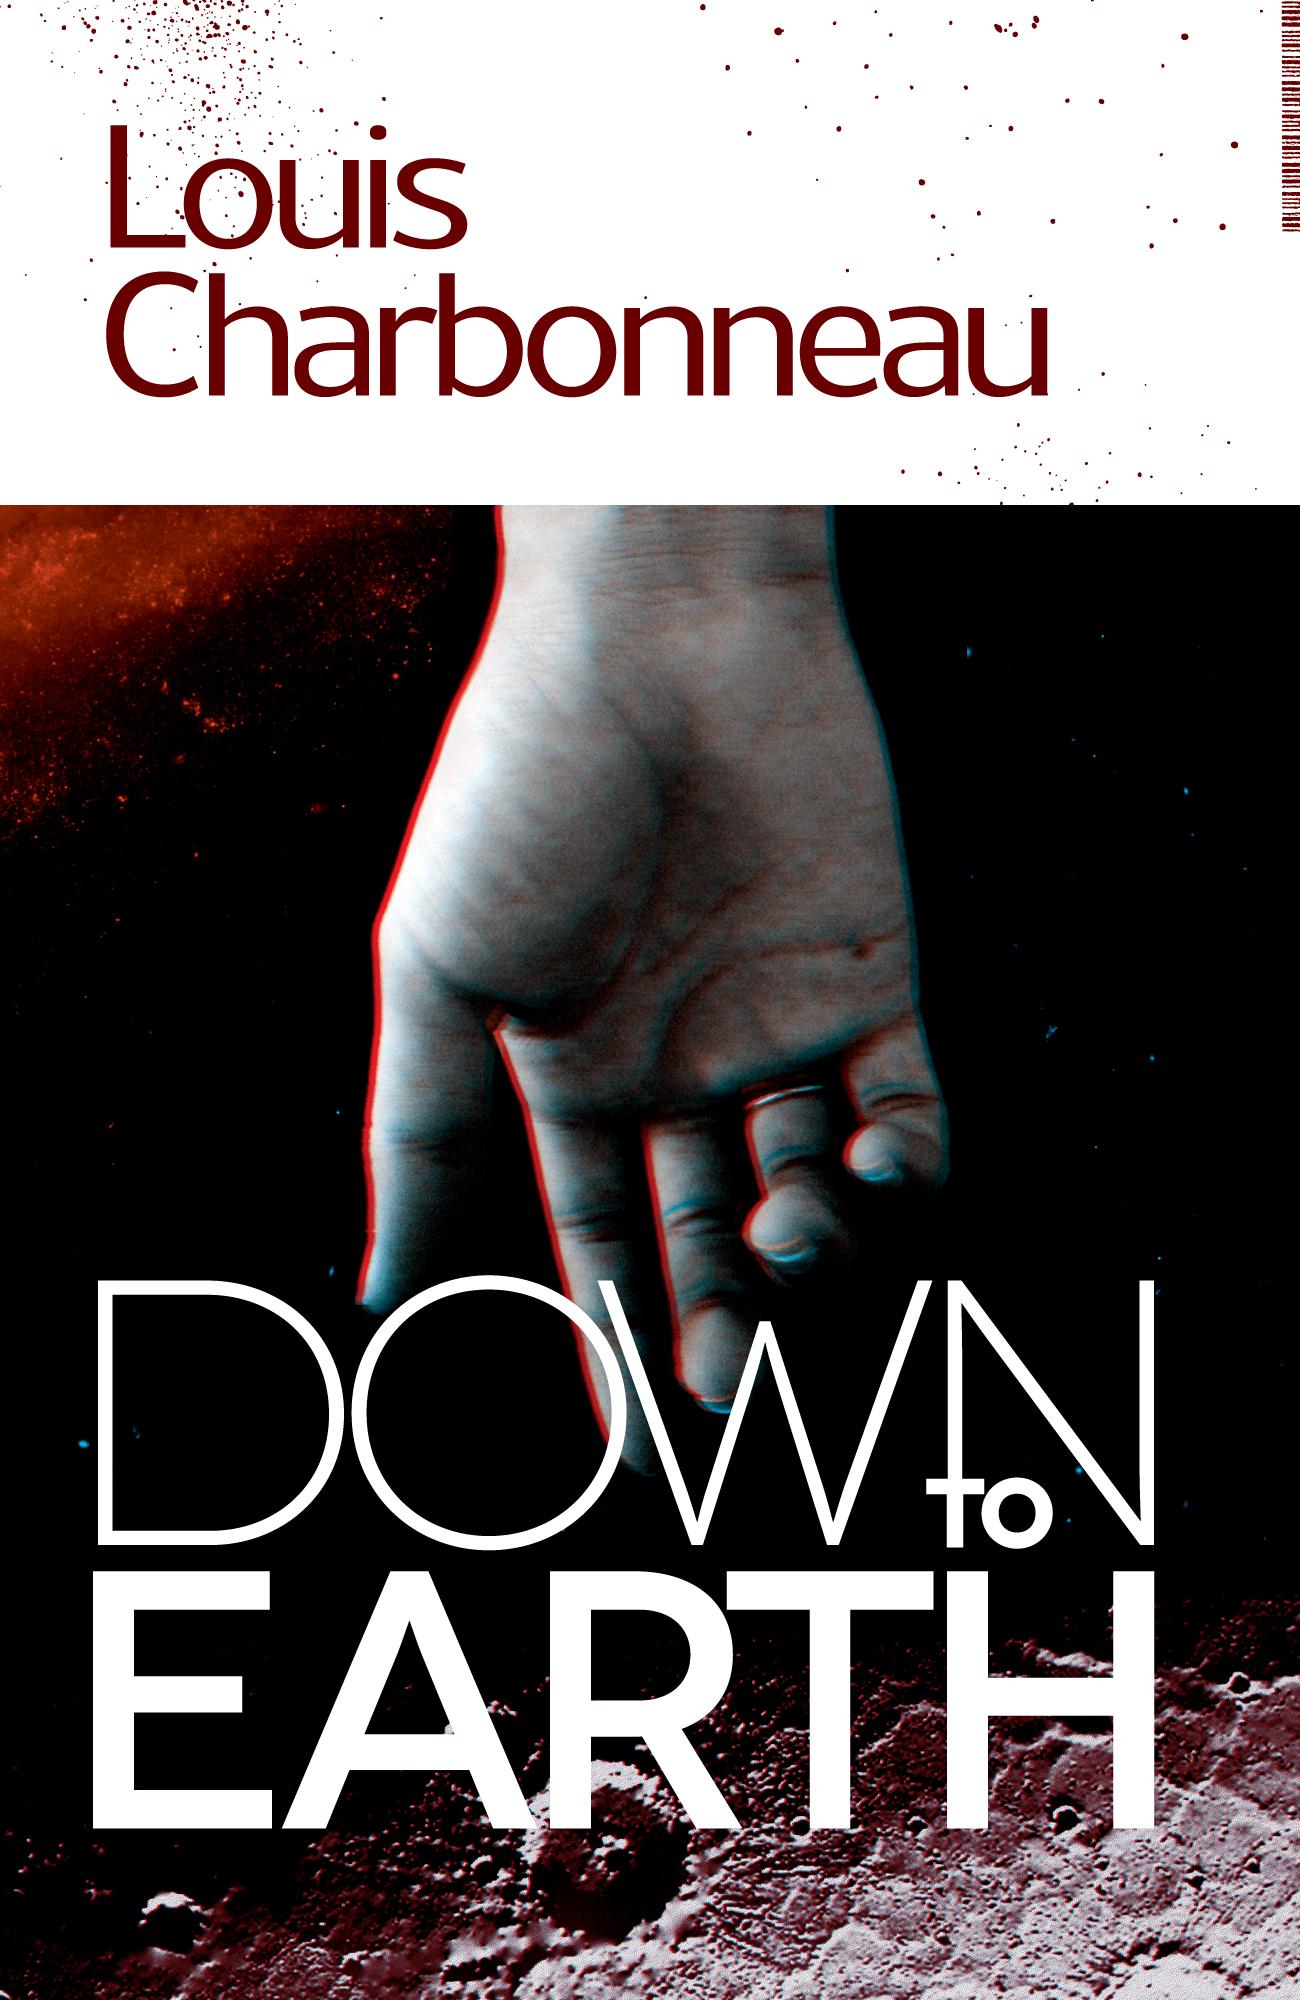 Louis Charbonneau's featured Science Fiction Novels